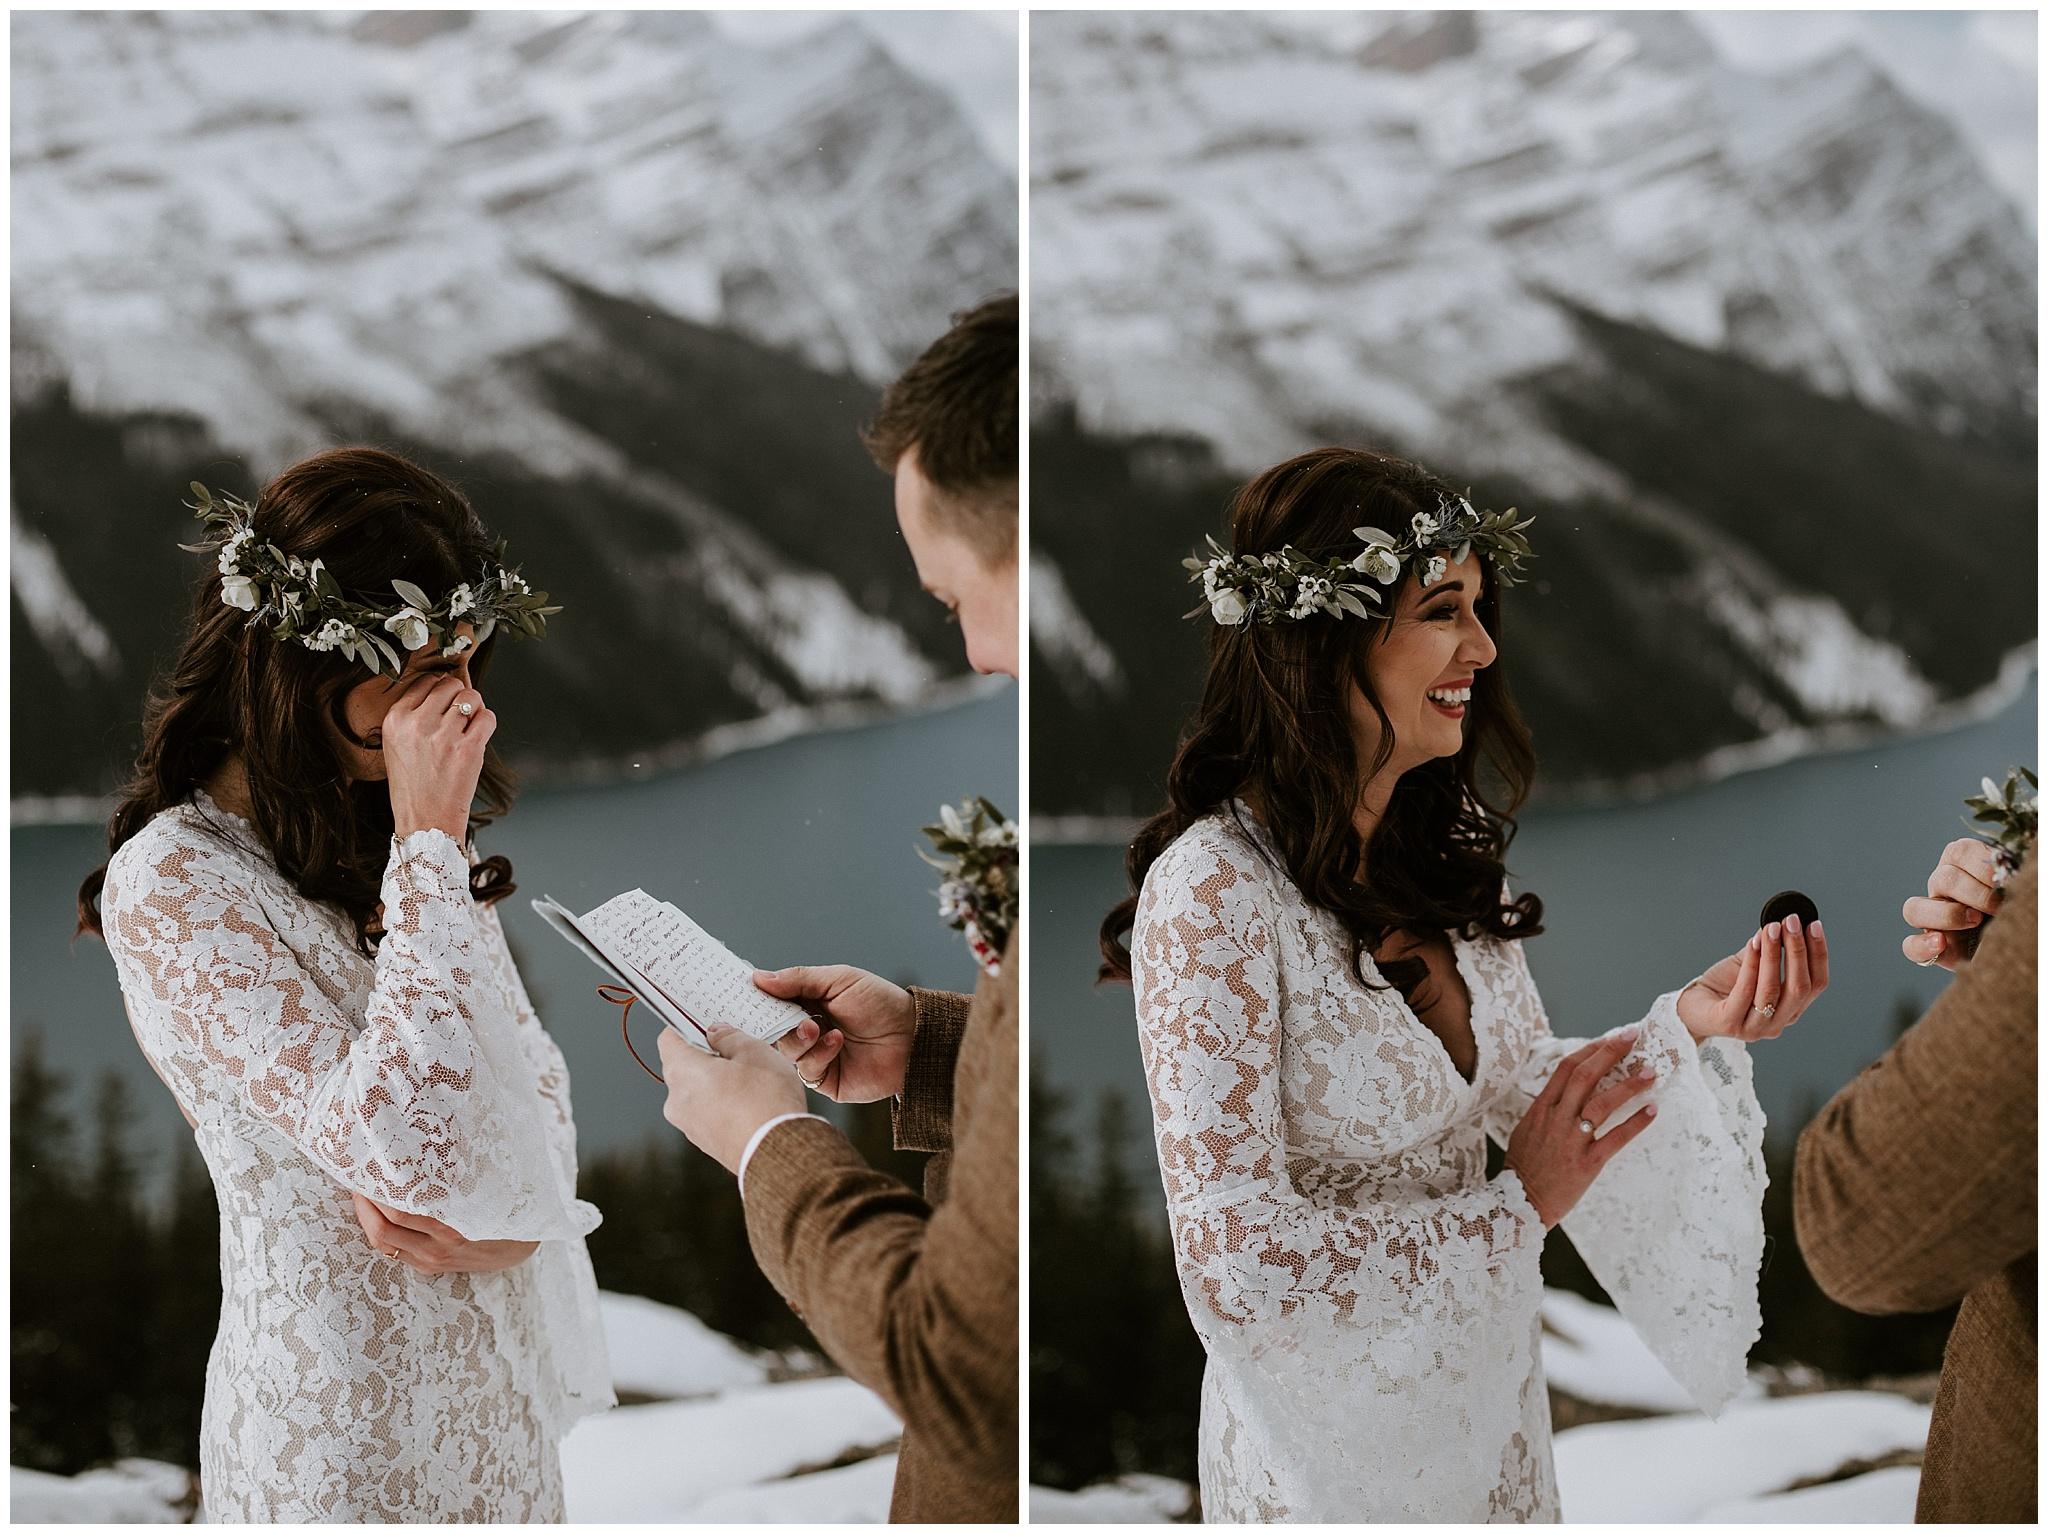 peyto-lake-wedding-photos-20.JPG